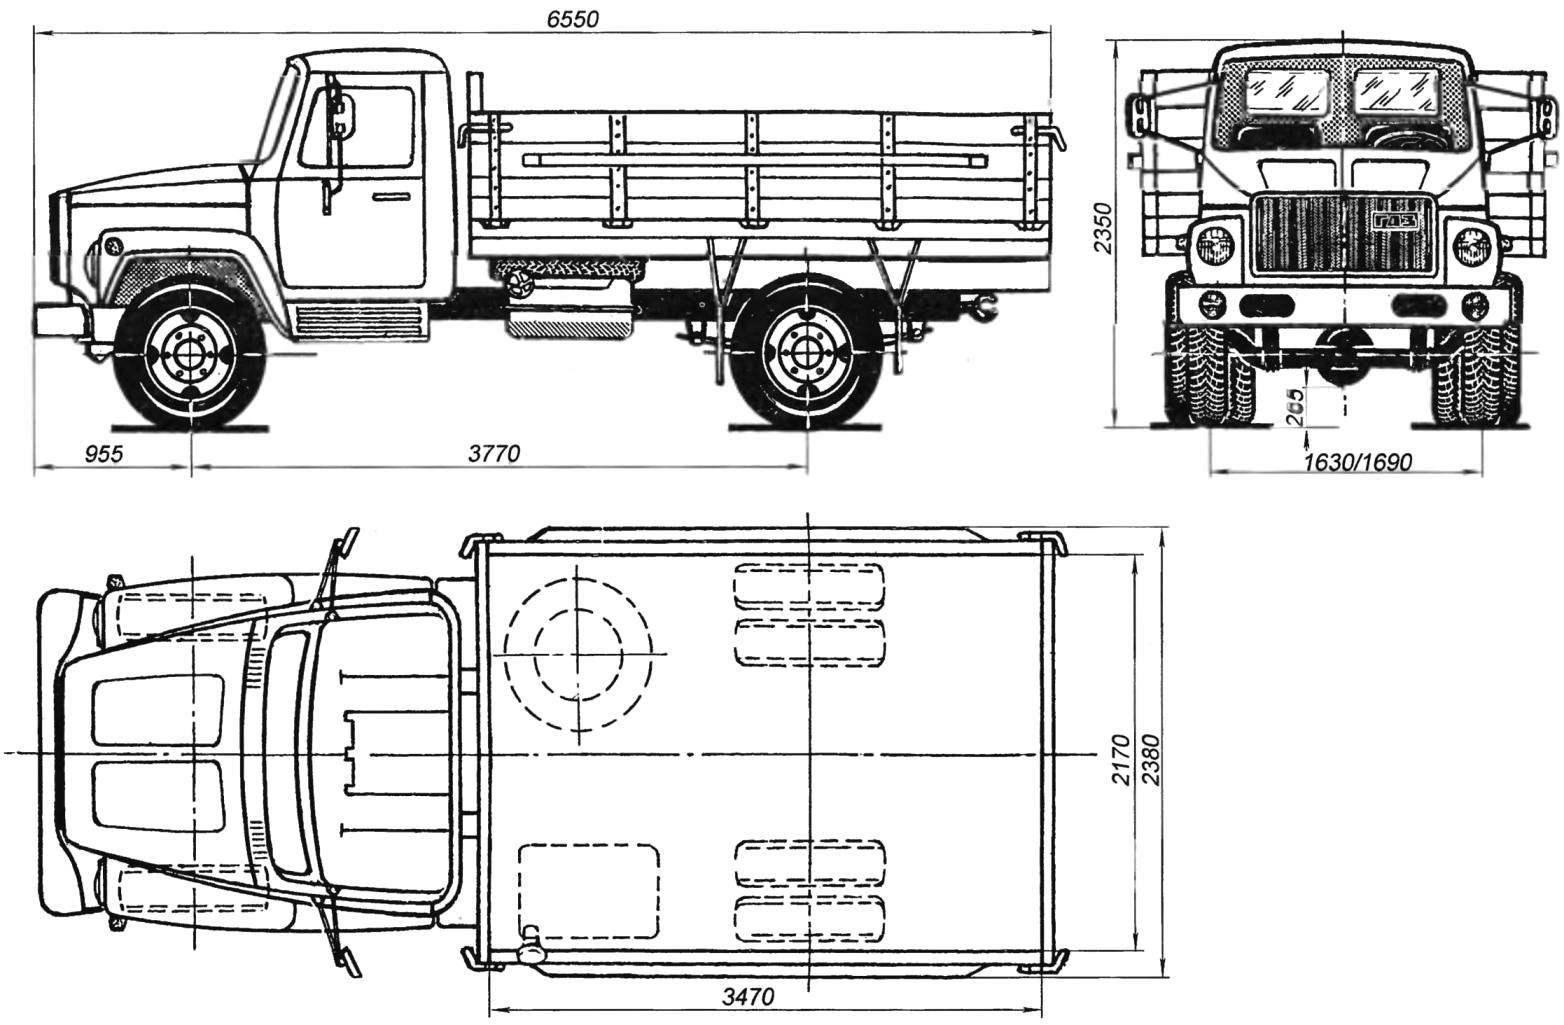 Газ 4301 - дизельный грузовик-пятитонник